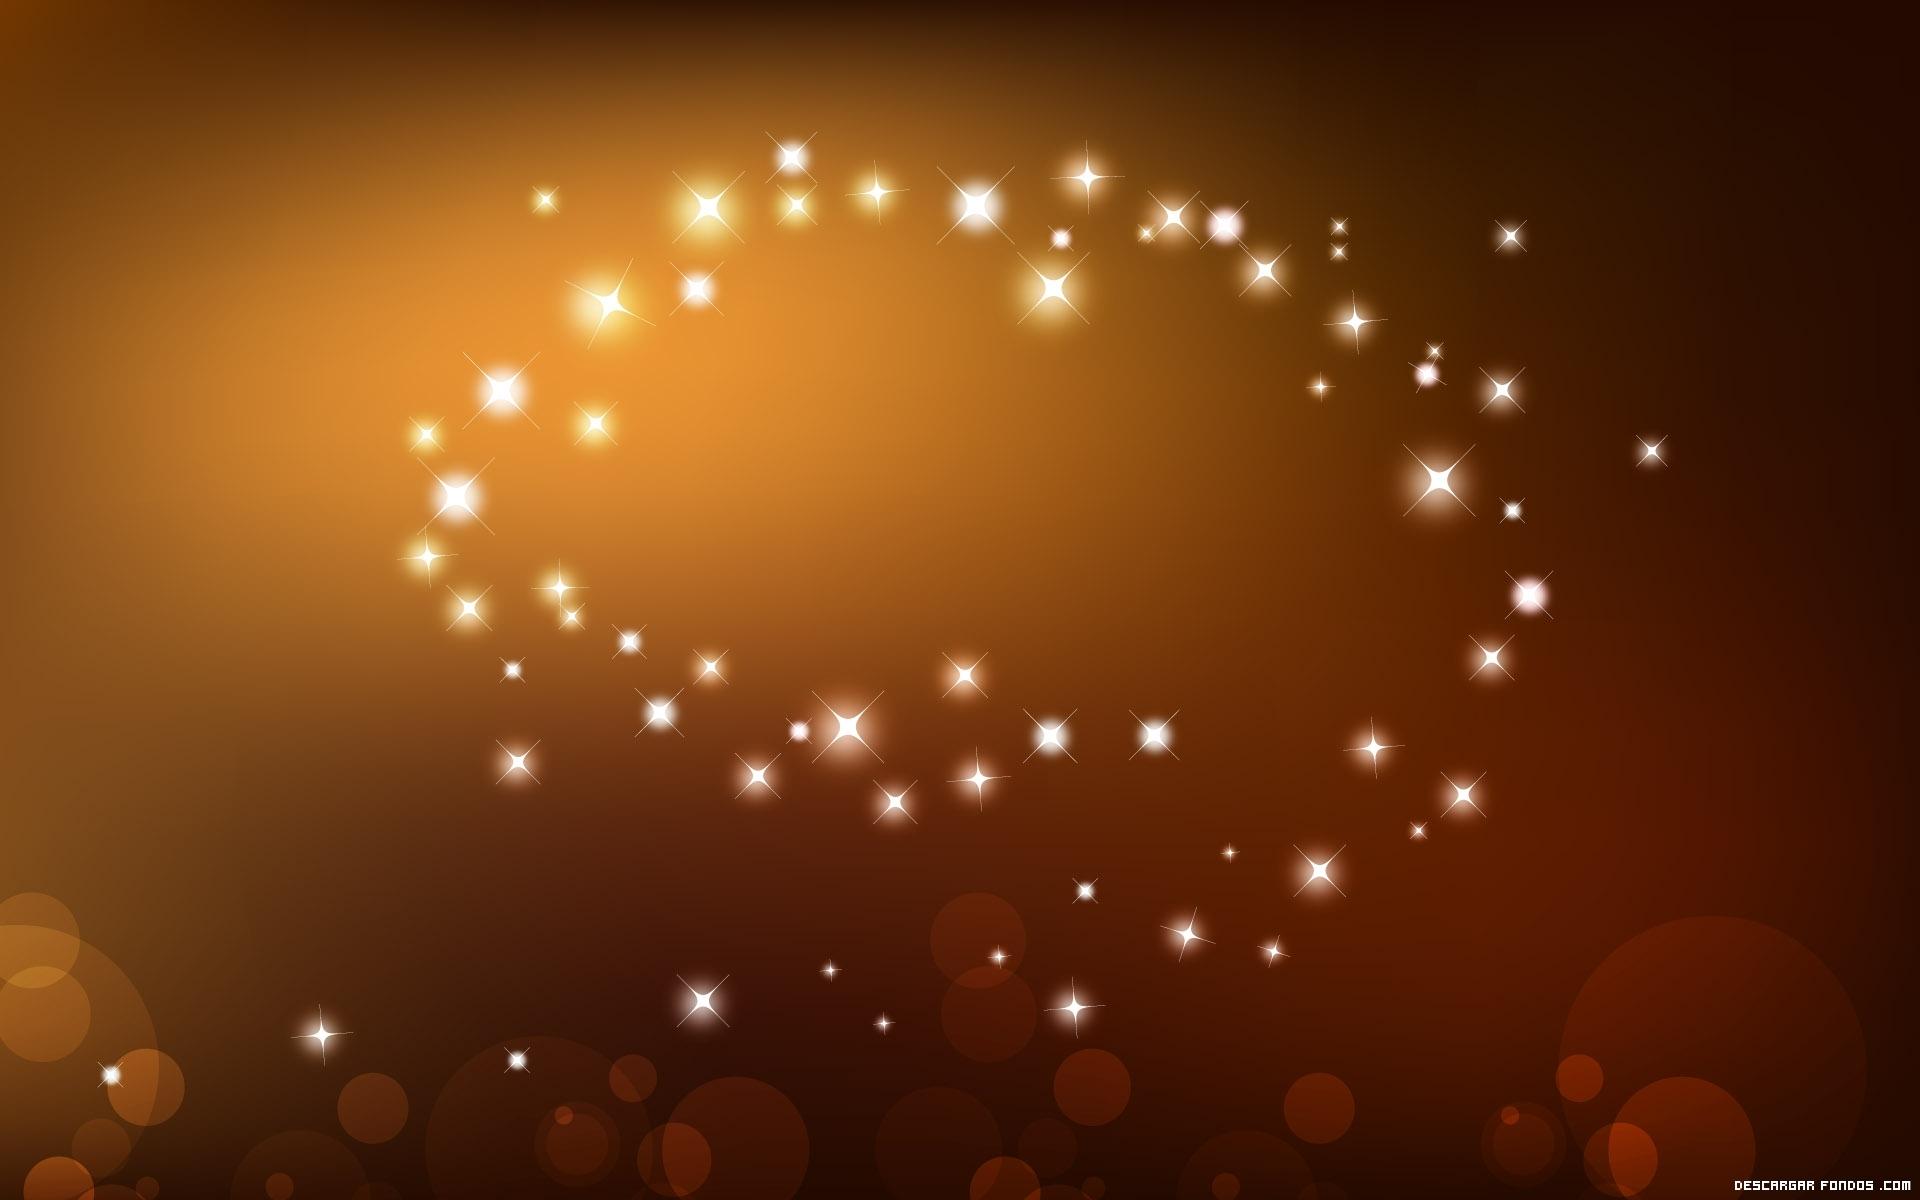 Una silueta de estrellas